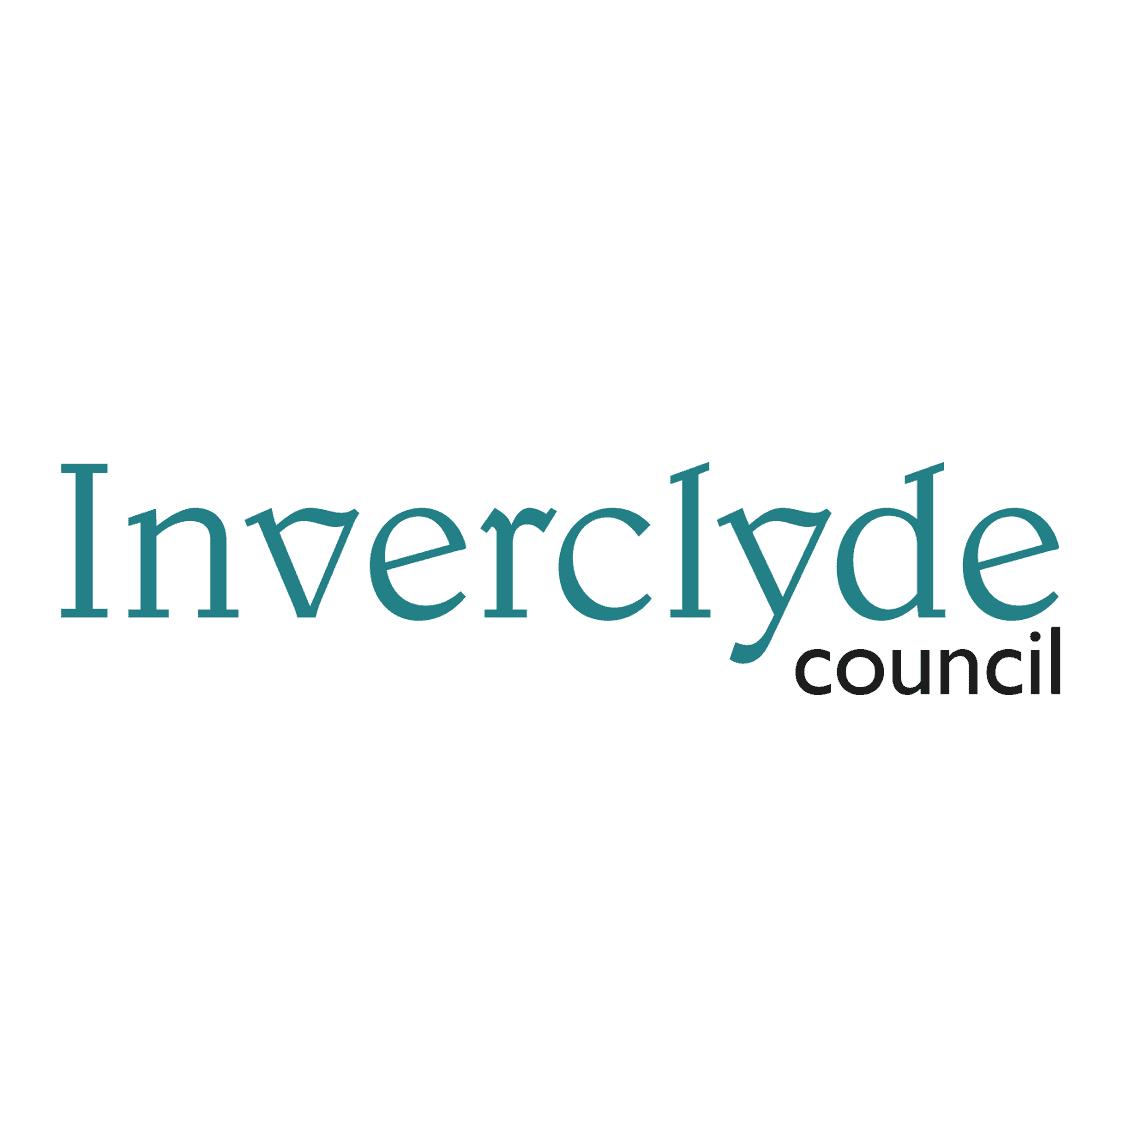 Inverclyde-Council